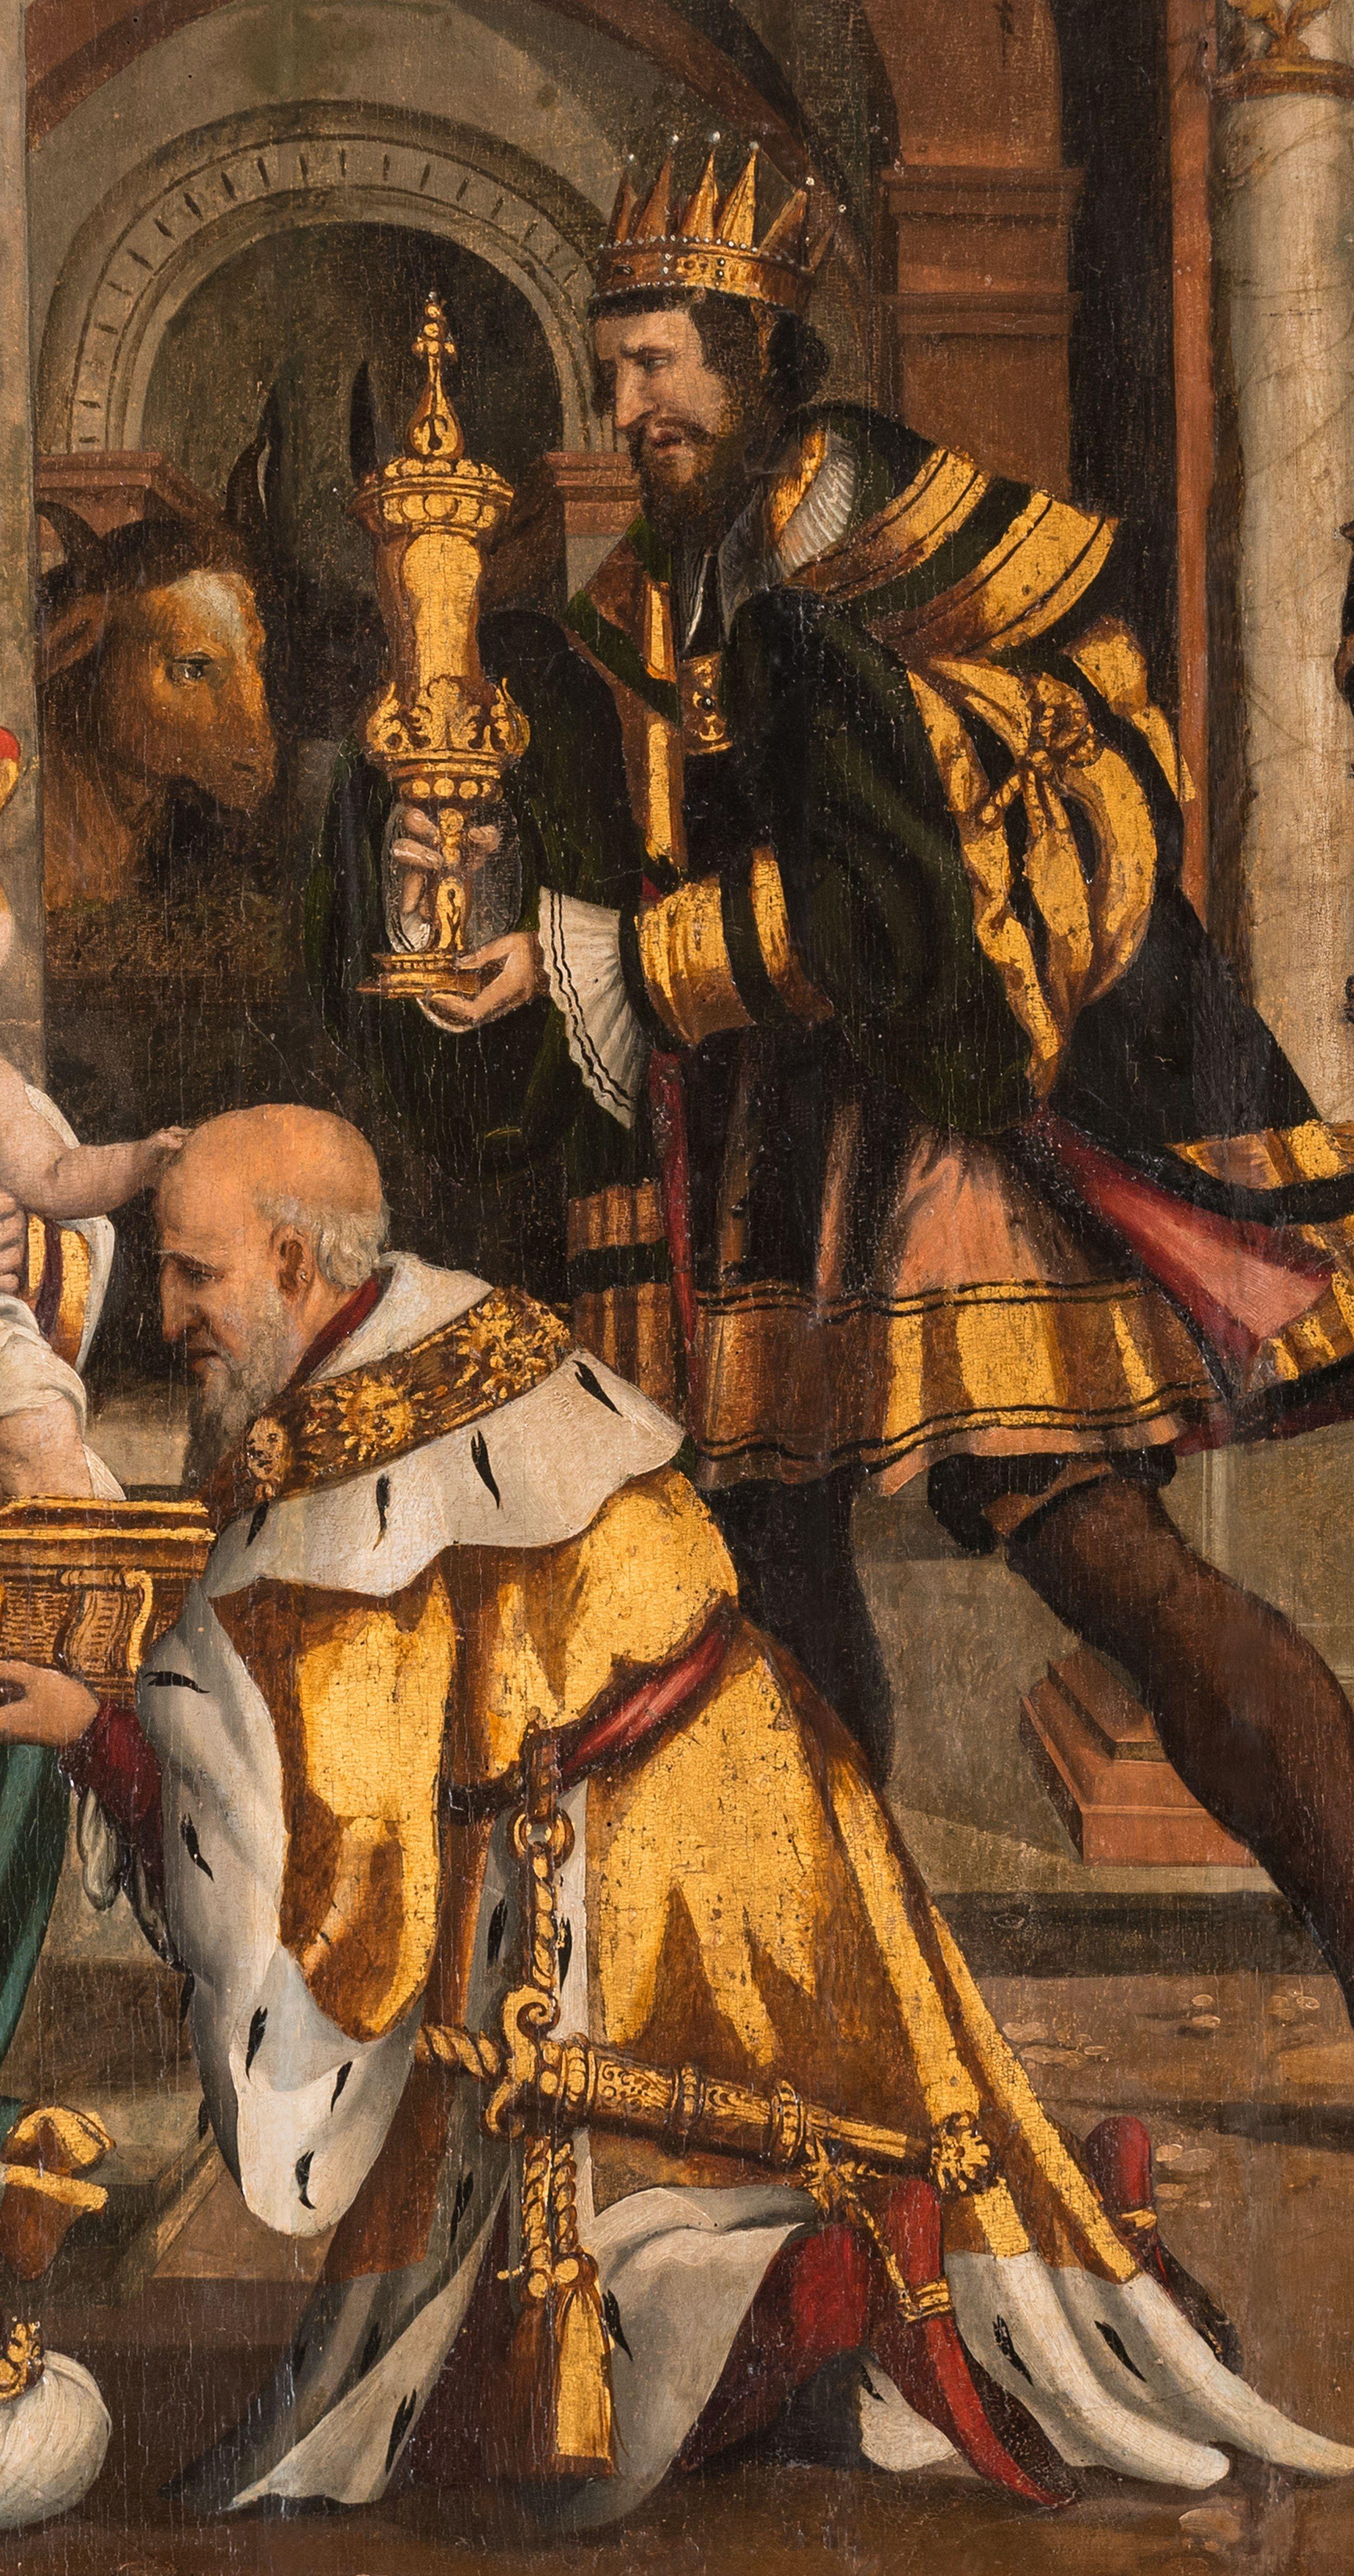 Bartlmä Dill Riemenschneider: (Burgstall-) Adoration of the kings, detail 3, Burgstall, city church (Anbetung durch die Hl. Drei Könige) - Wikipedia.de